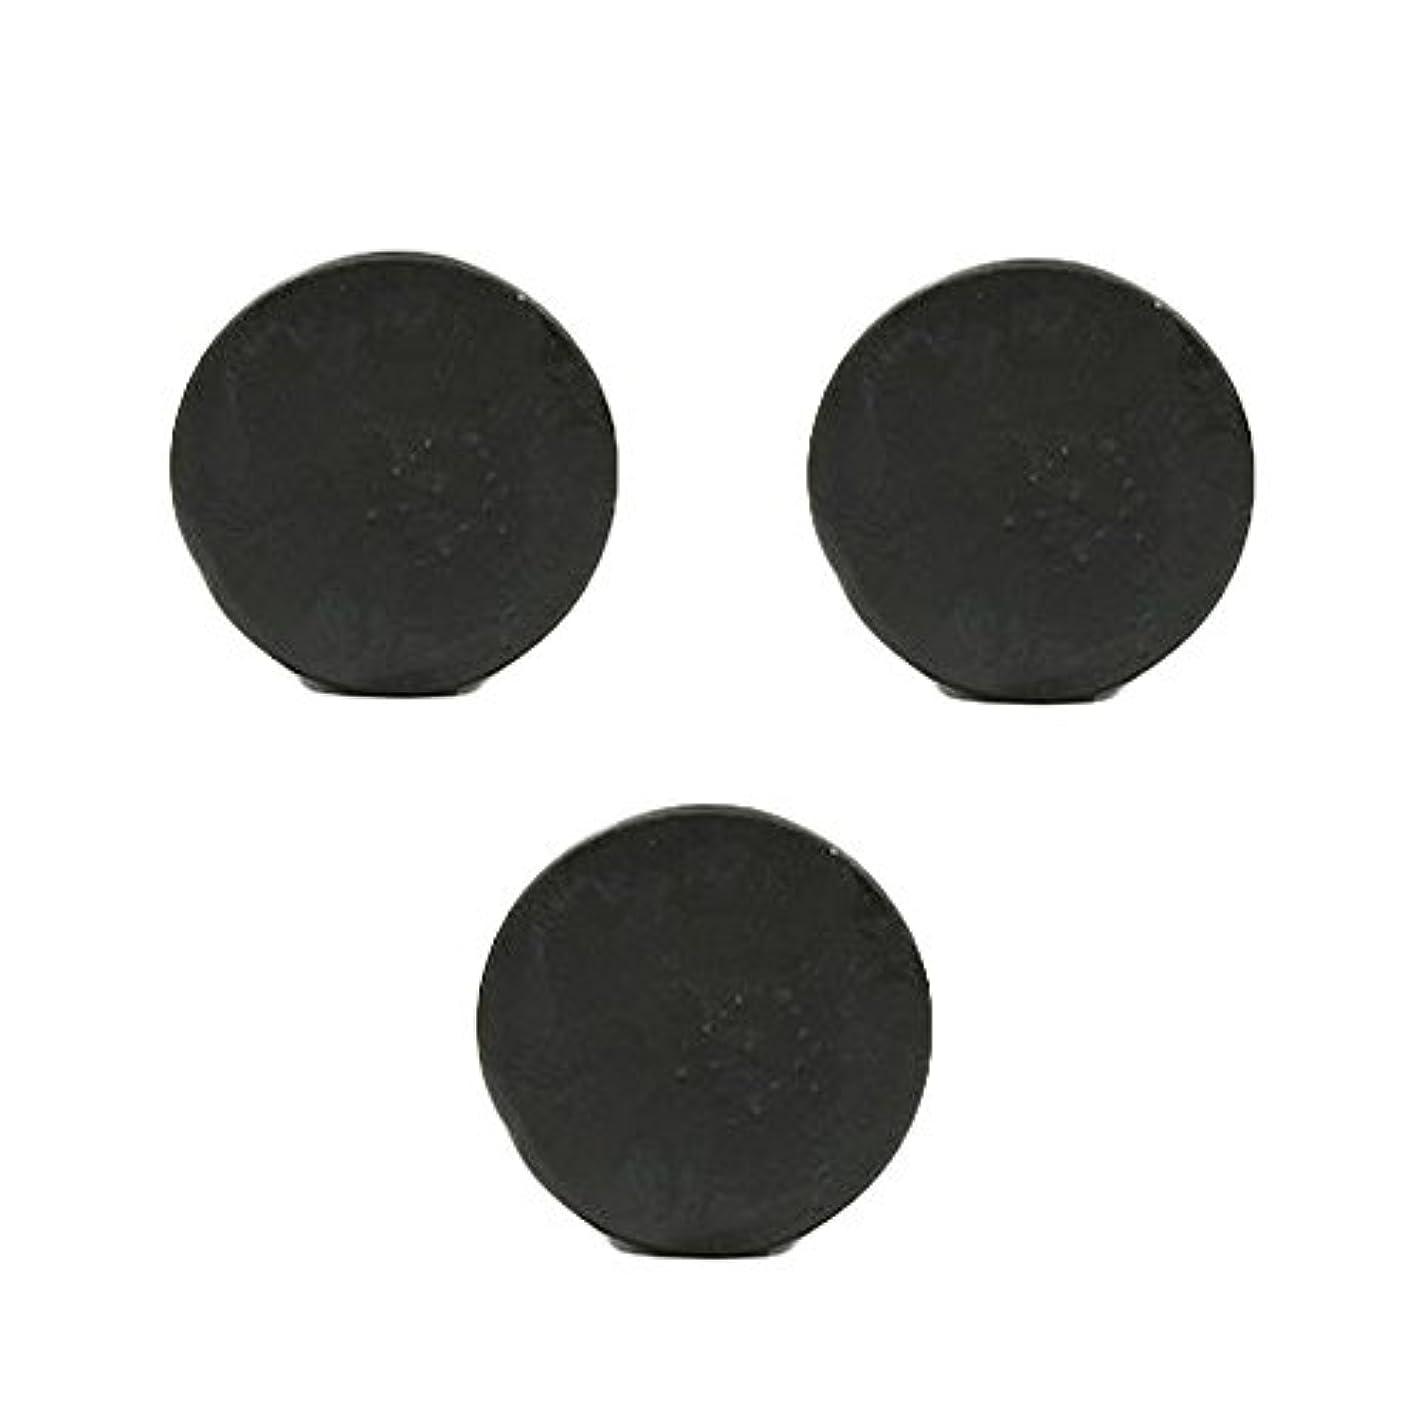 溢れんばかりのドレインリベラル薬用人参クレンジングソープ3個 / Fermented Dark Black Ginseng Cleansing Soap 3pcs[海外直送品] [並行輸入品]